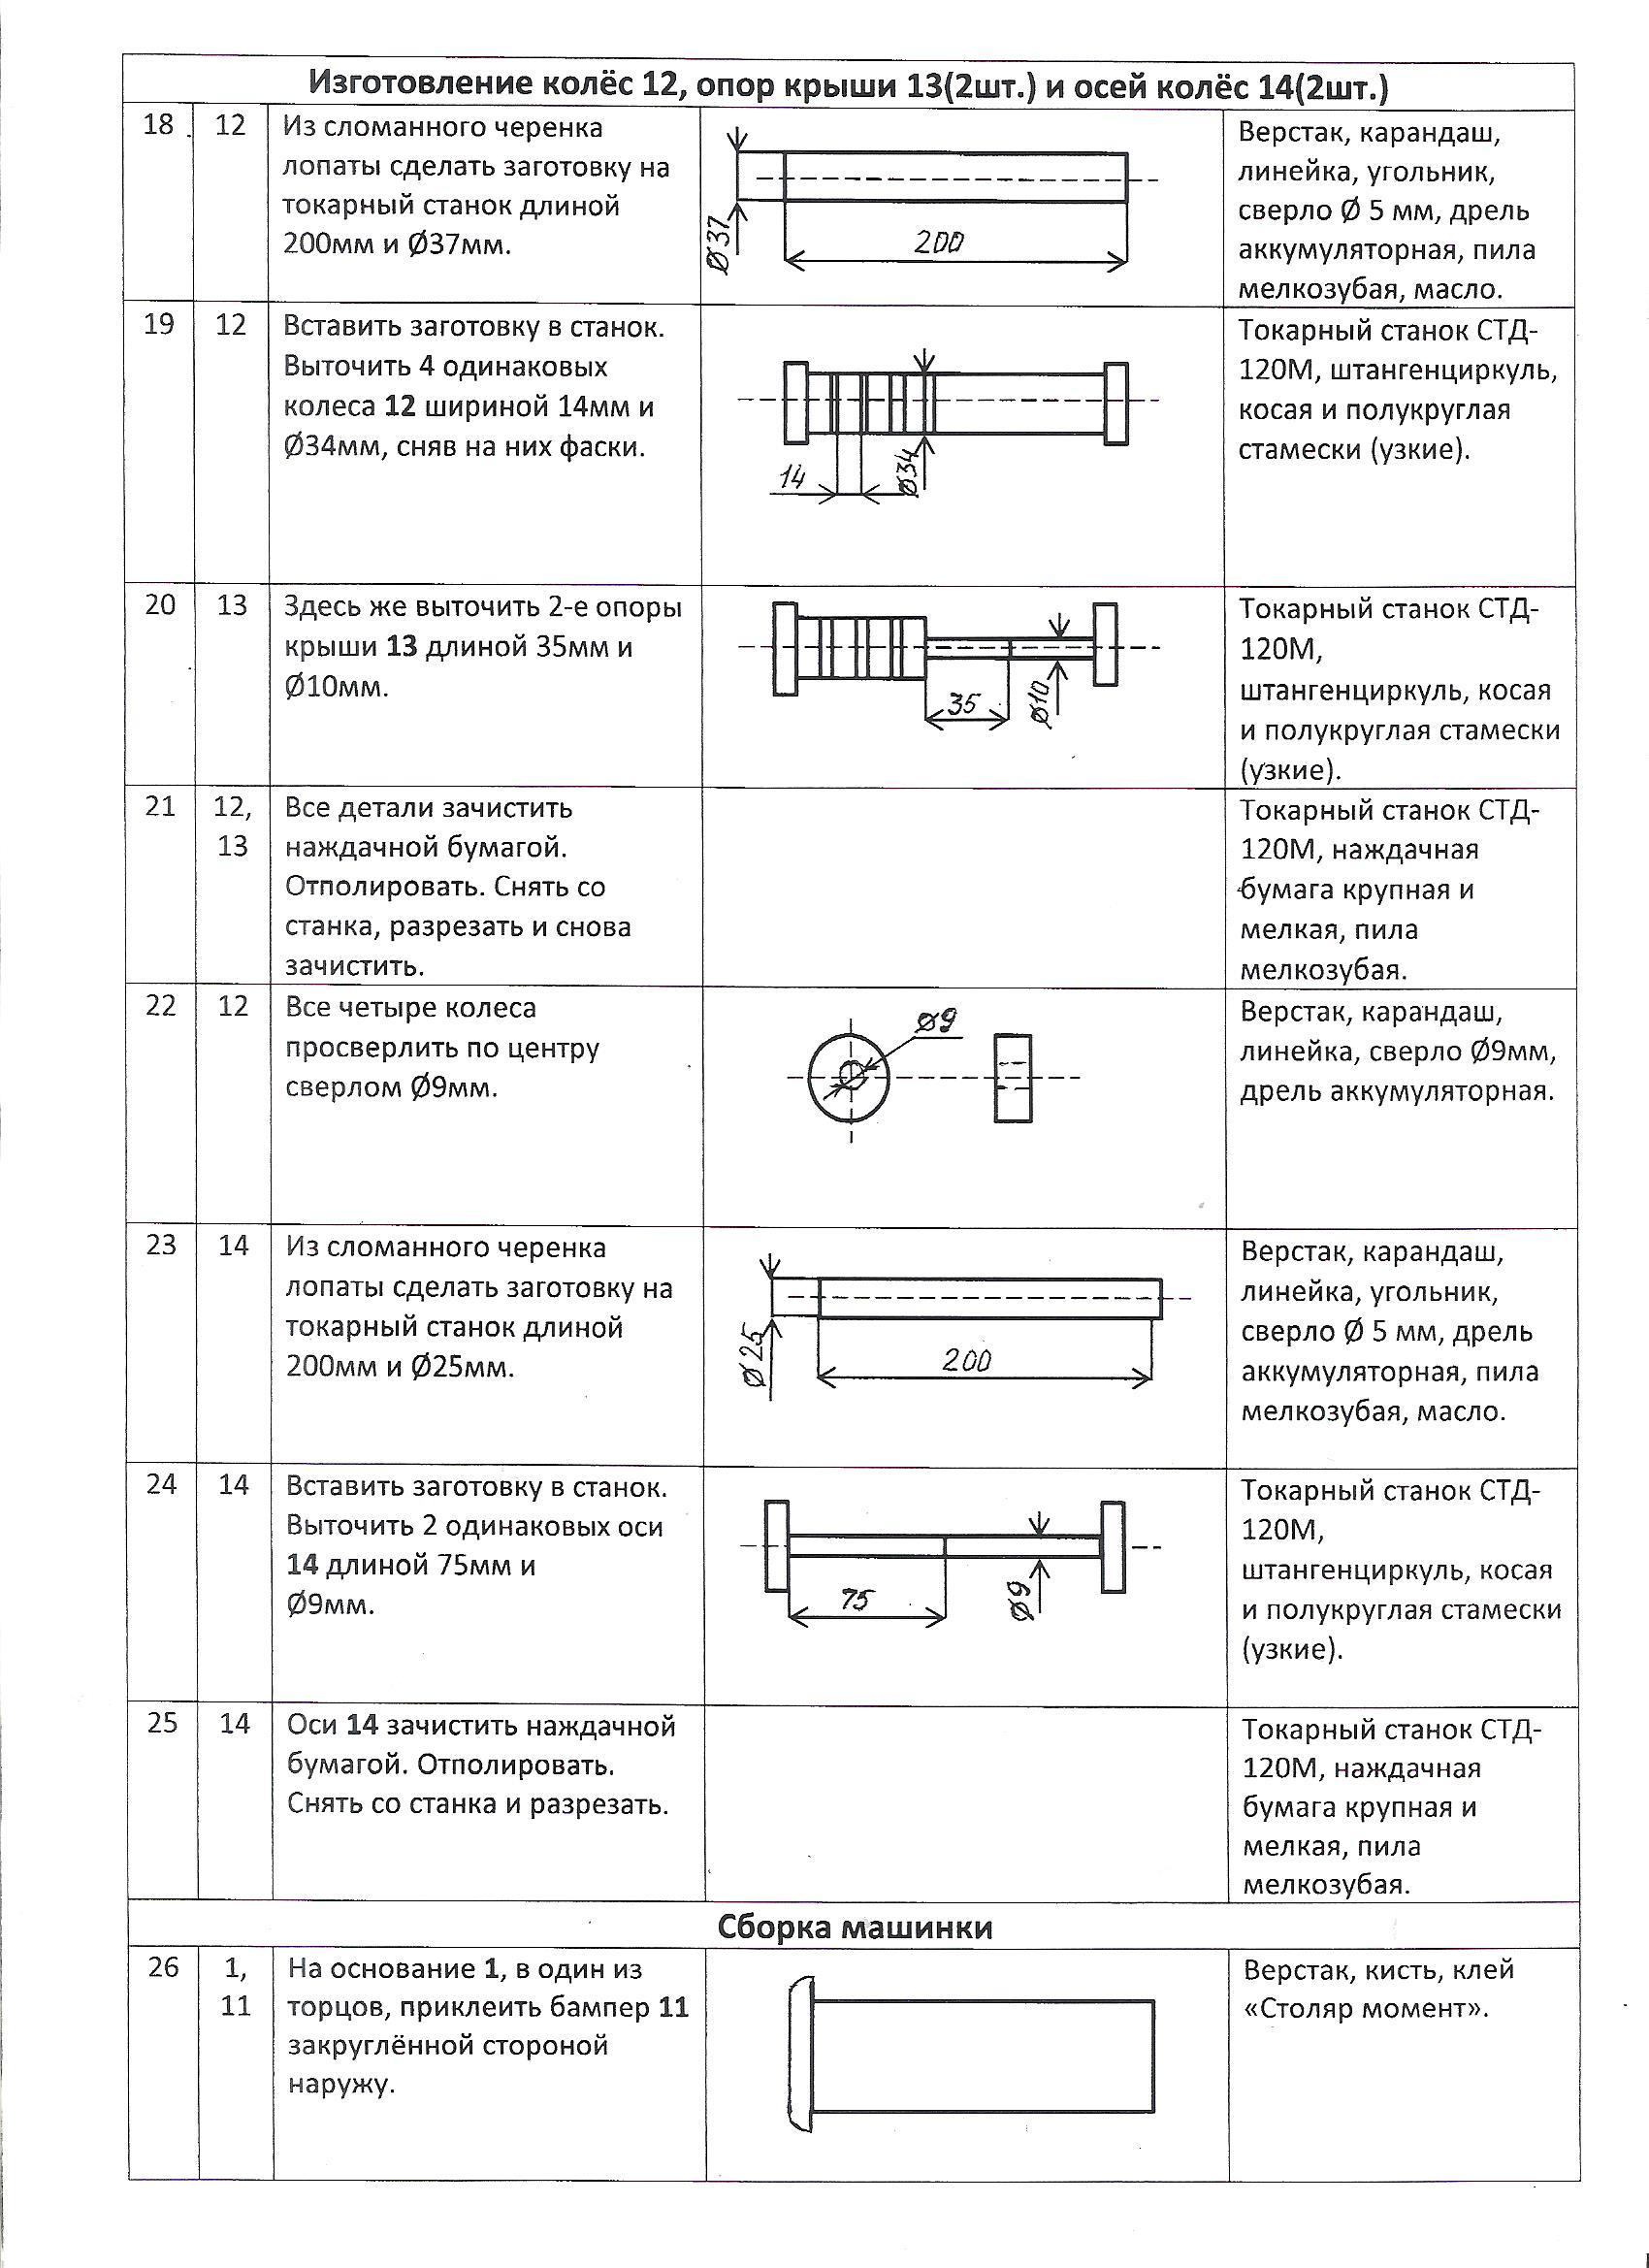 K:\Технологическая карта изготовления машинки. Близнюк В.Ю\4.jpeg